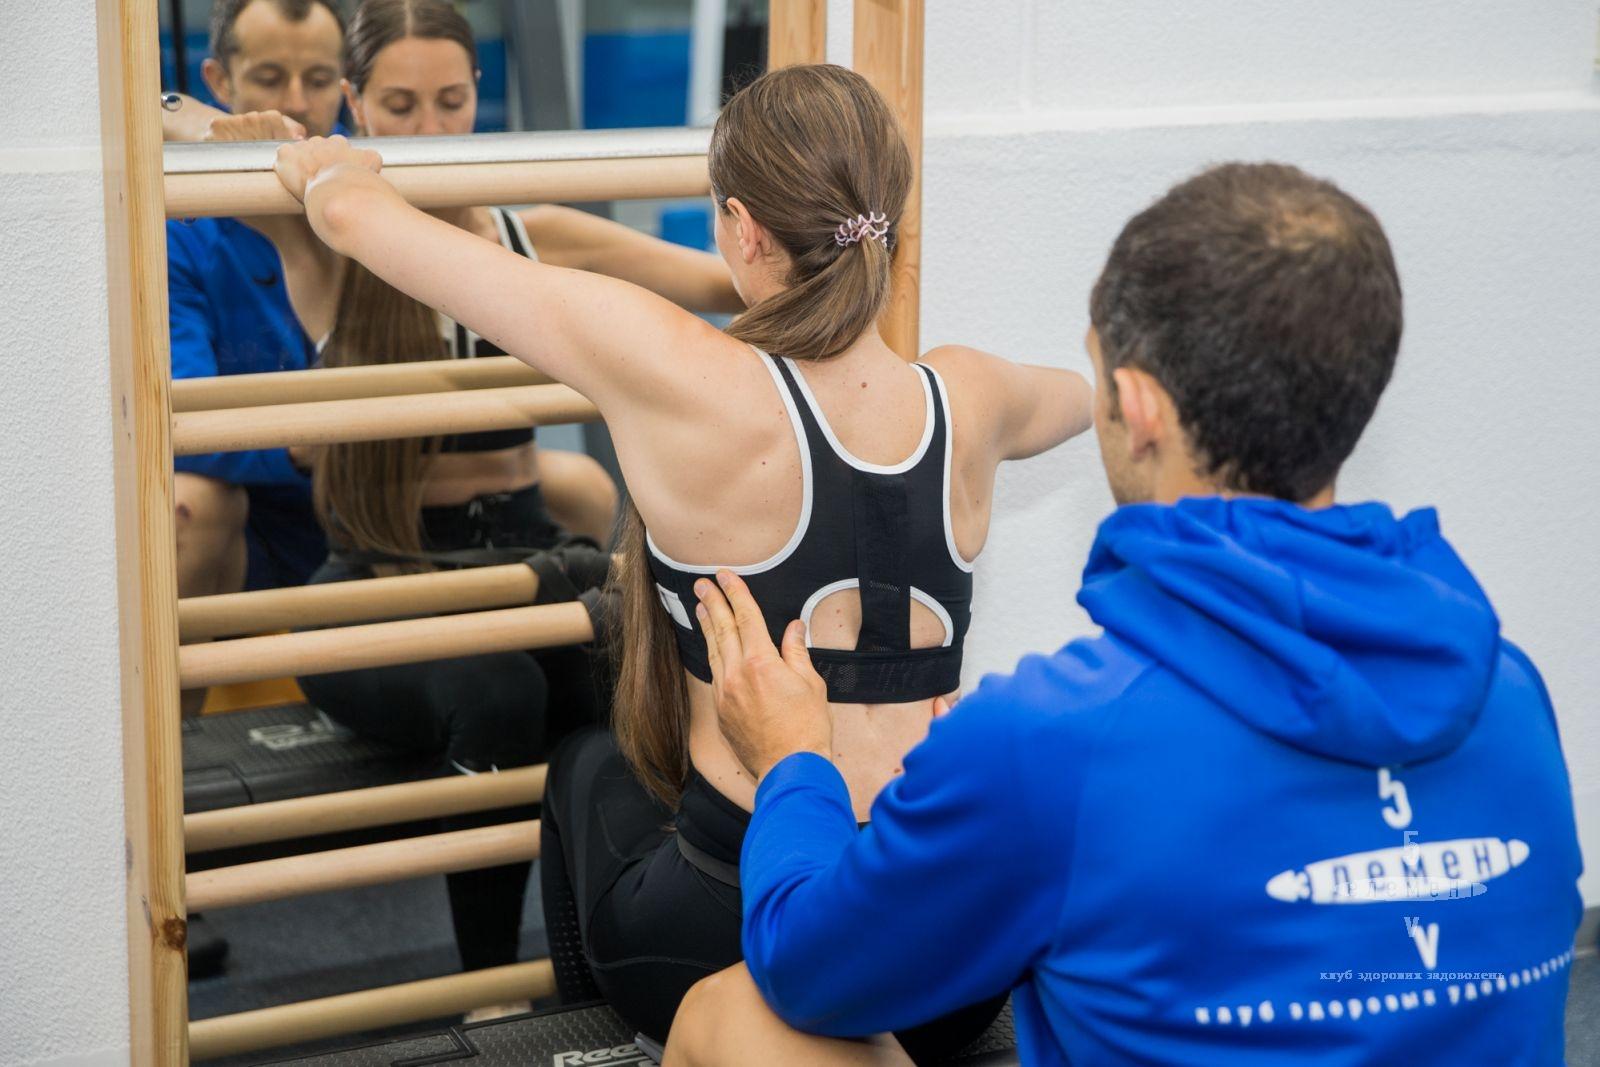 Лечение сколиоза методом ШРОТ — fitness club 5 element